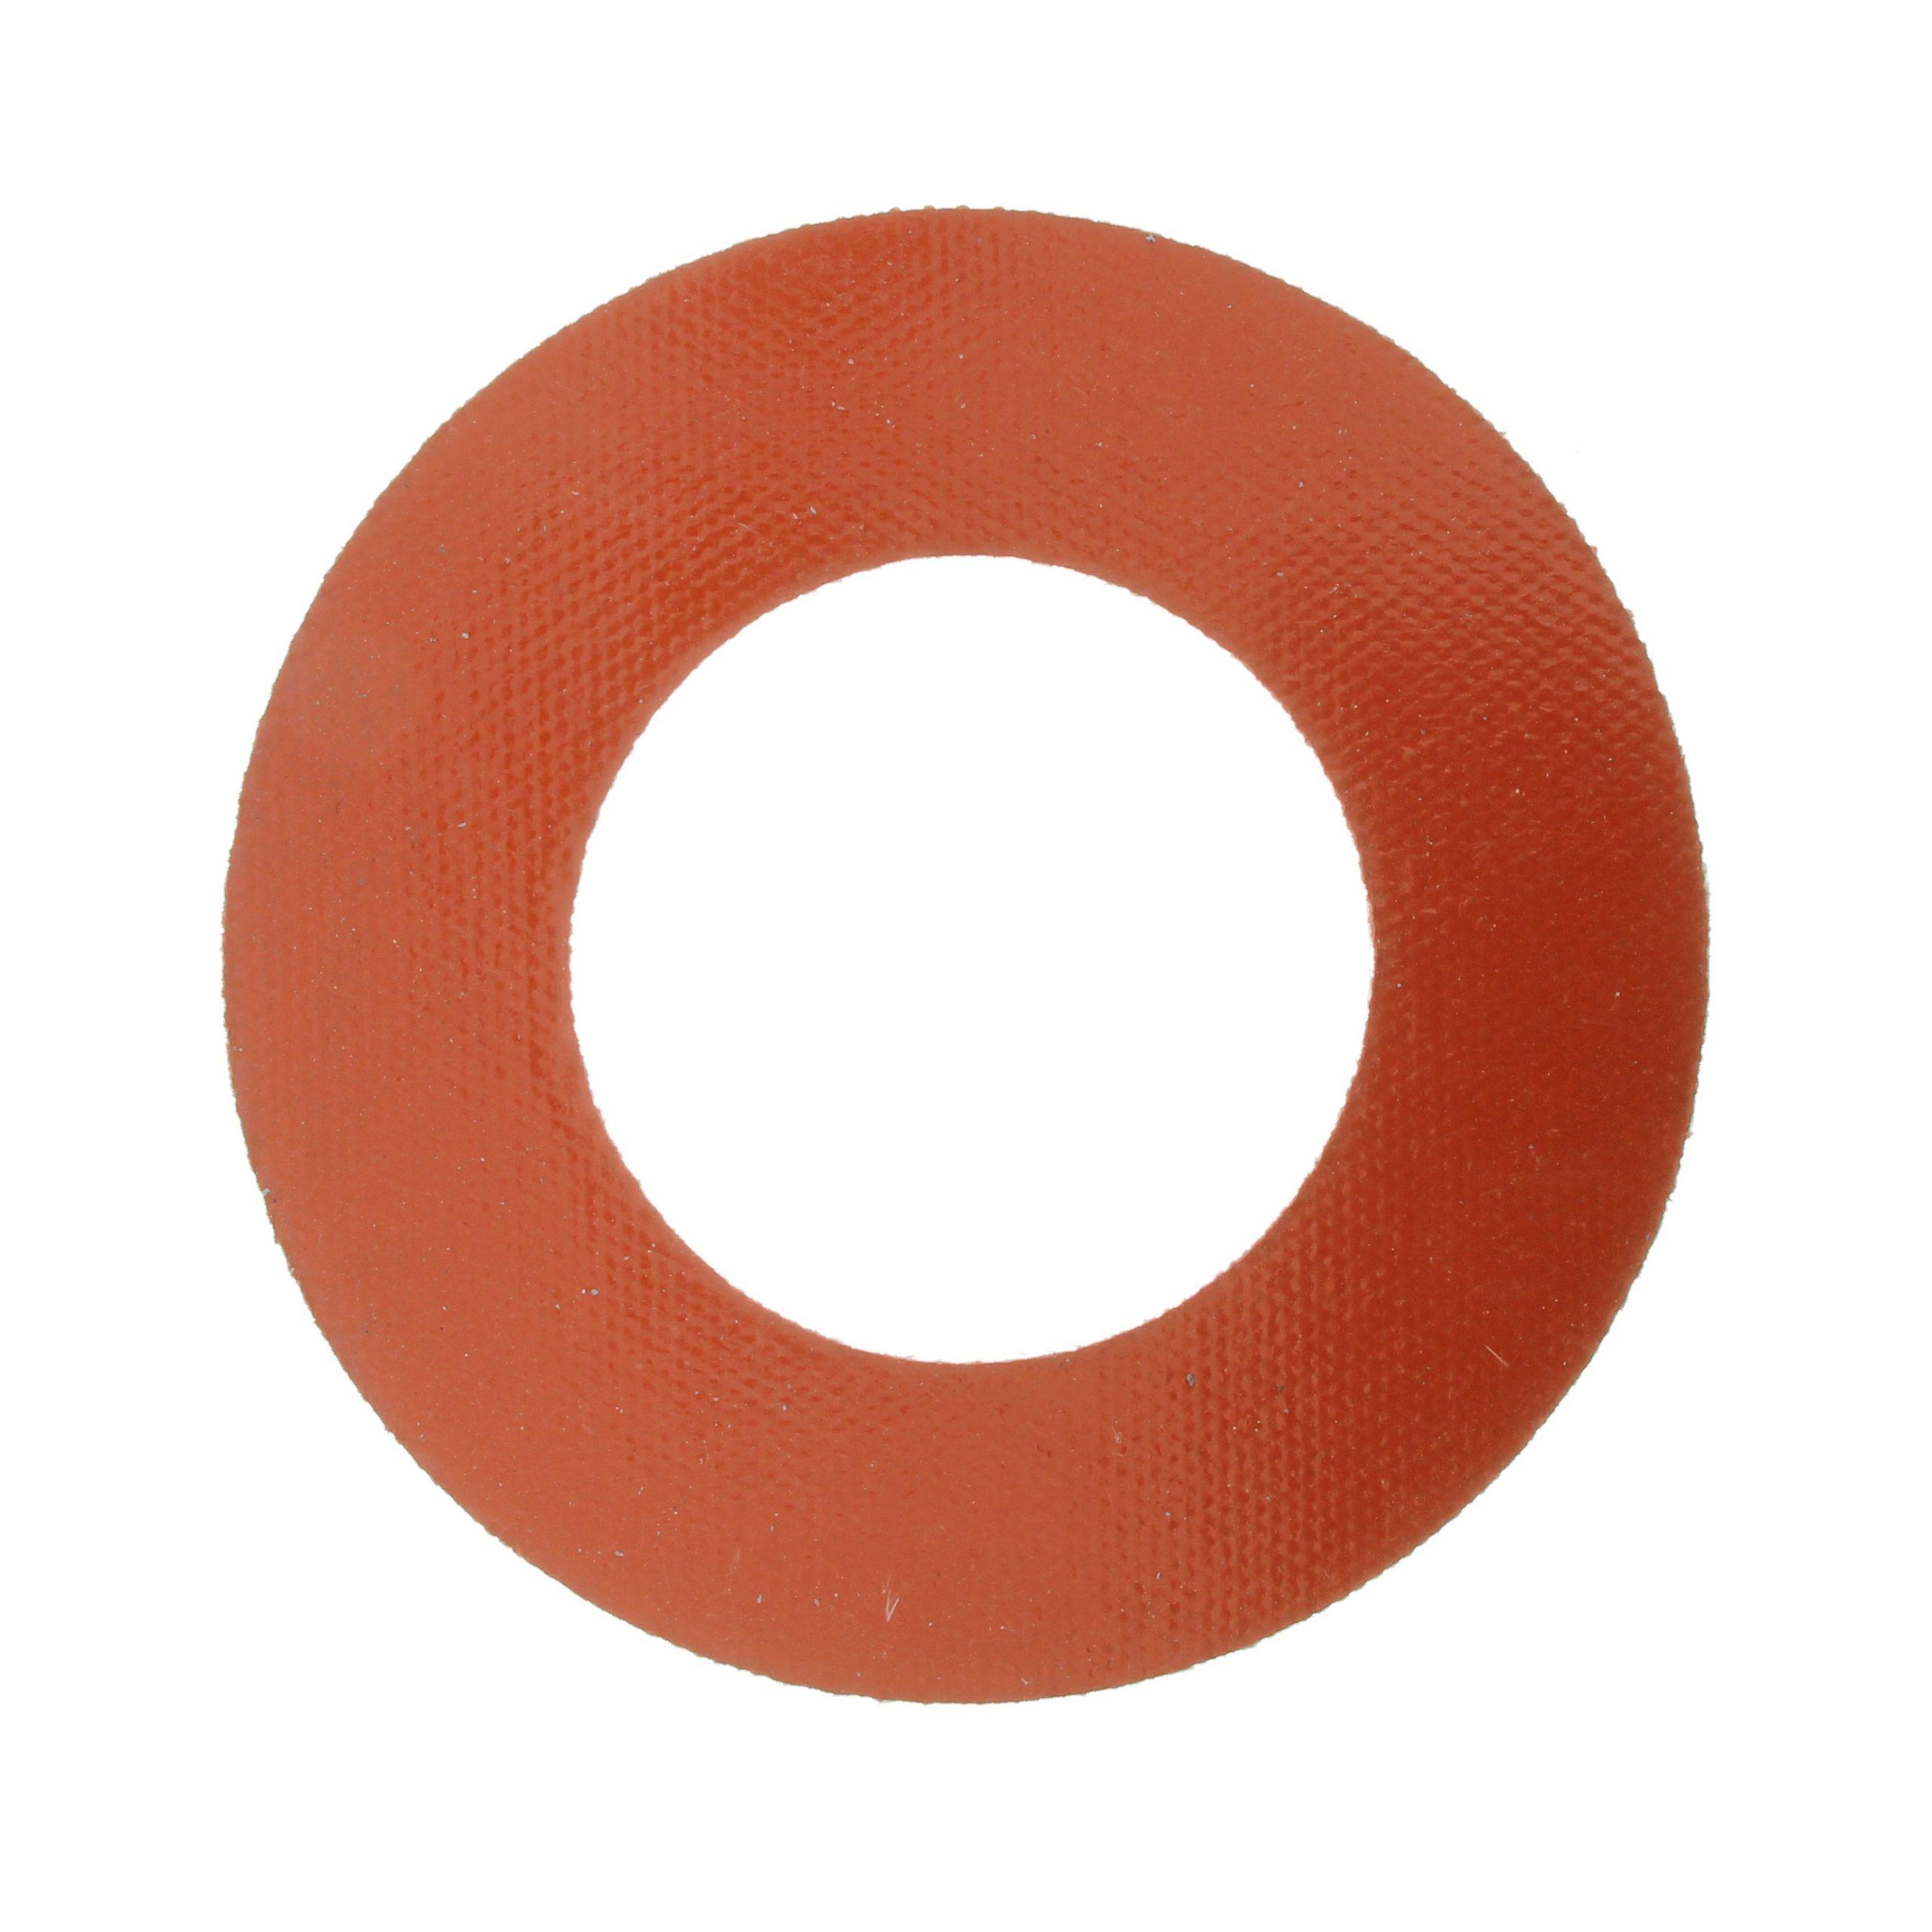 Прокладка силиконовая  (110) д/опок СФ 100 мм INDUTHERM